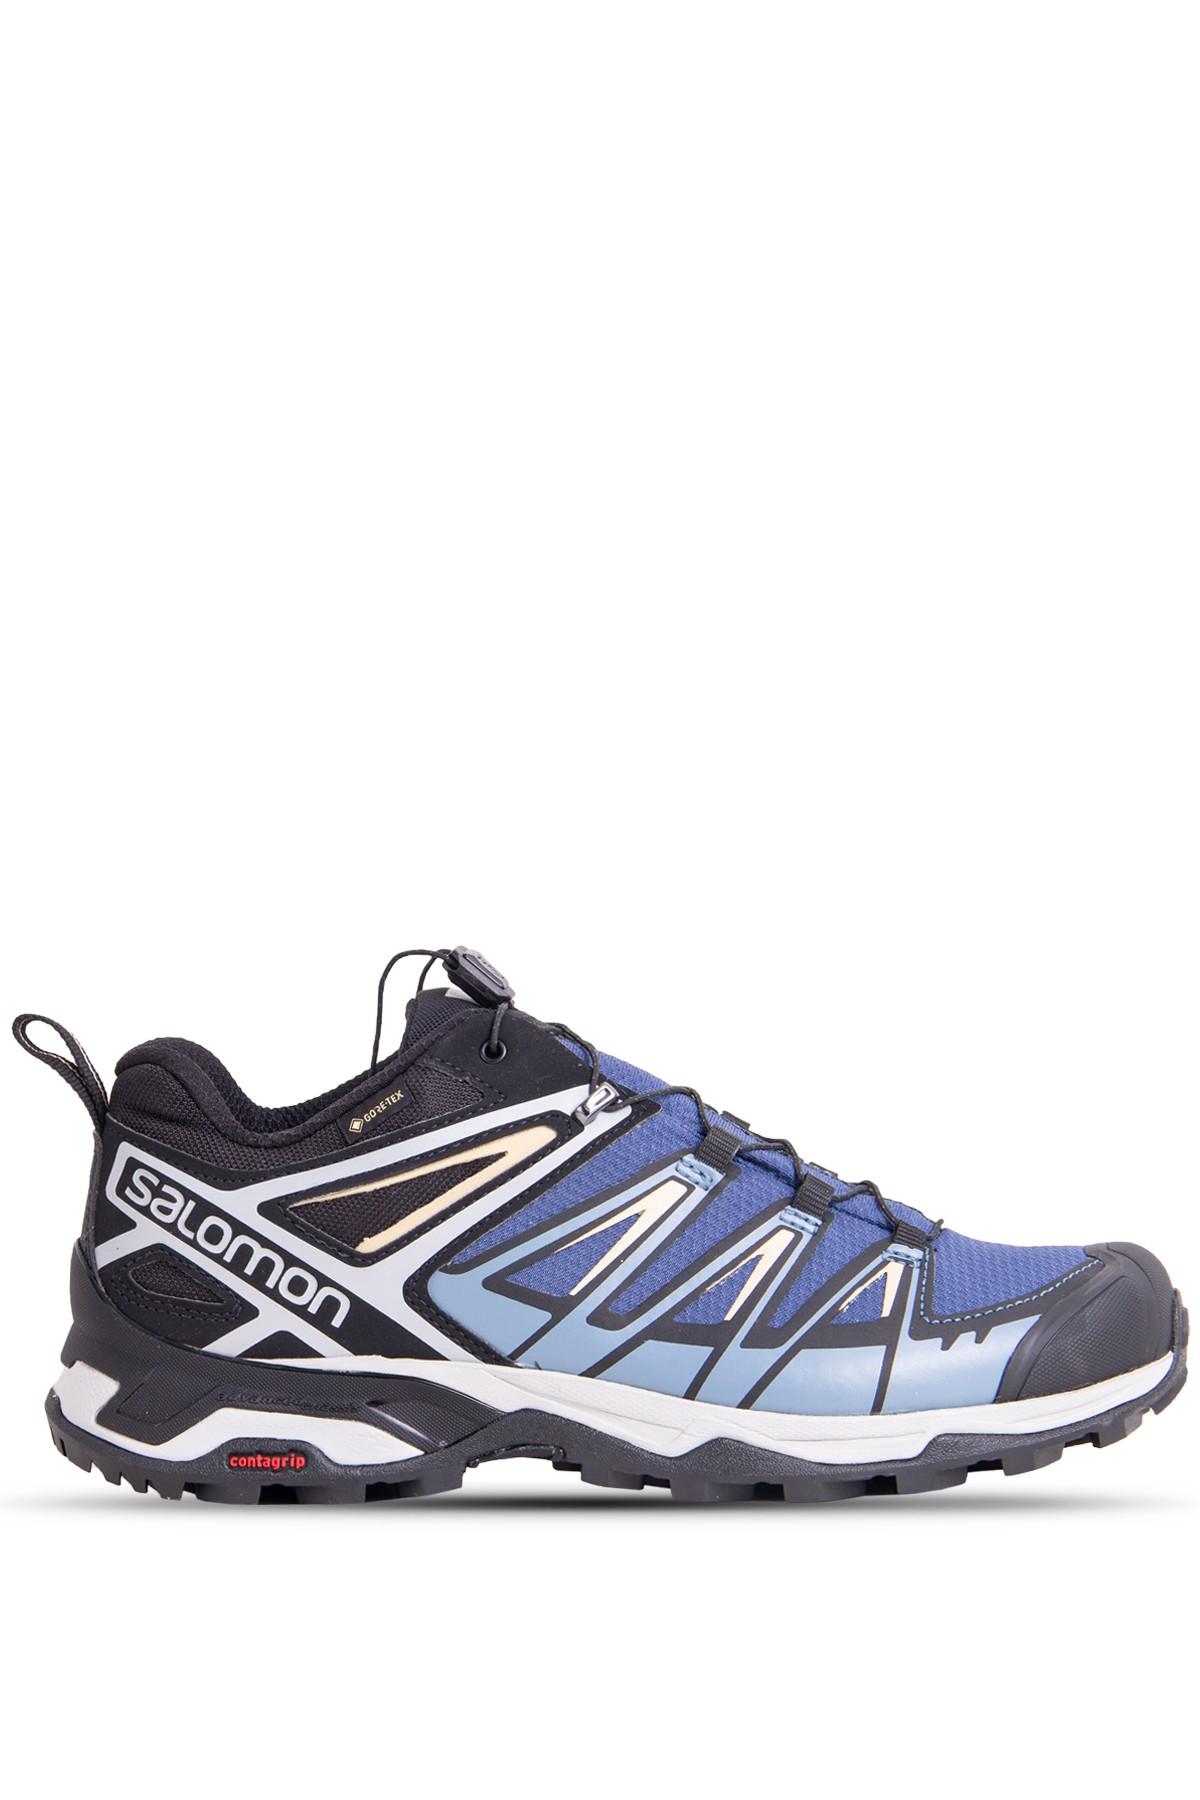 Salomon Erkek Mavi Outdoor Ayakkabı (L4116850)